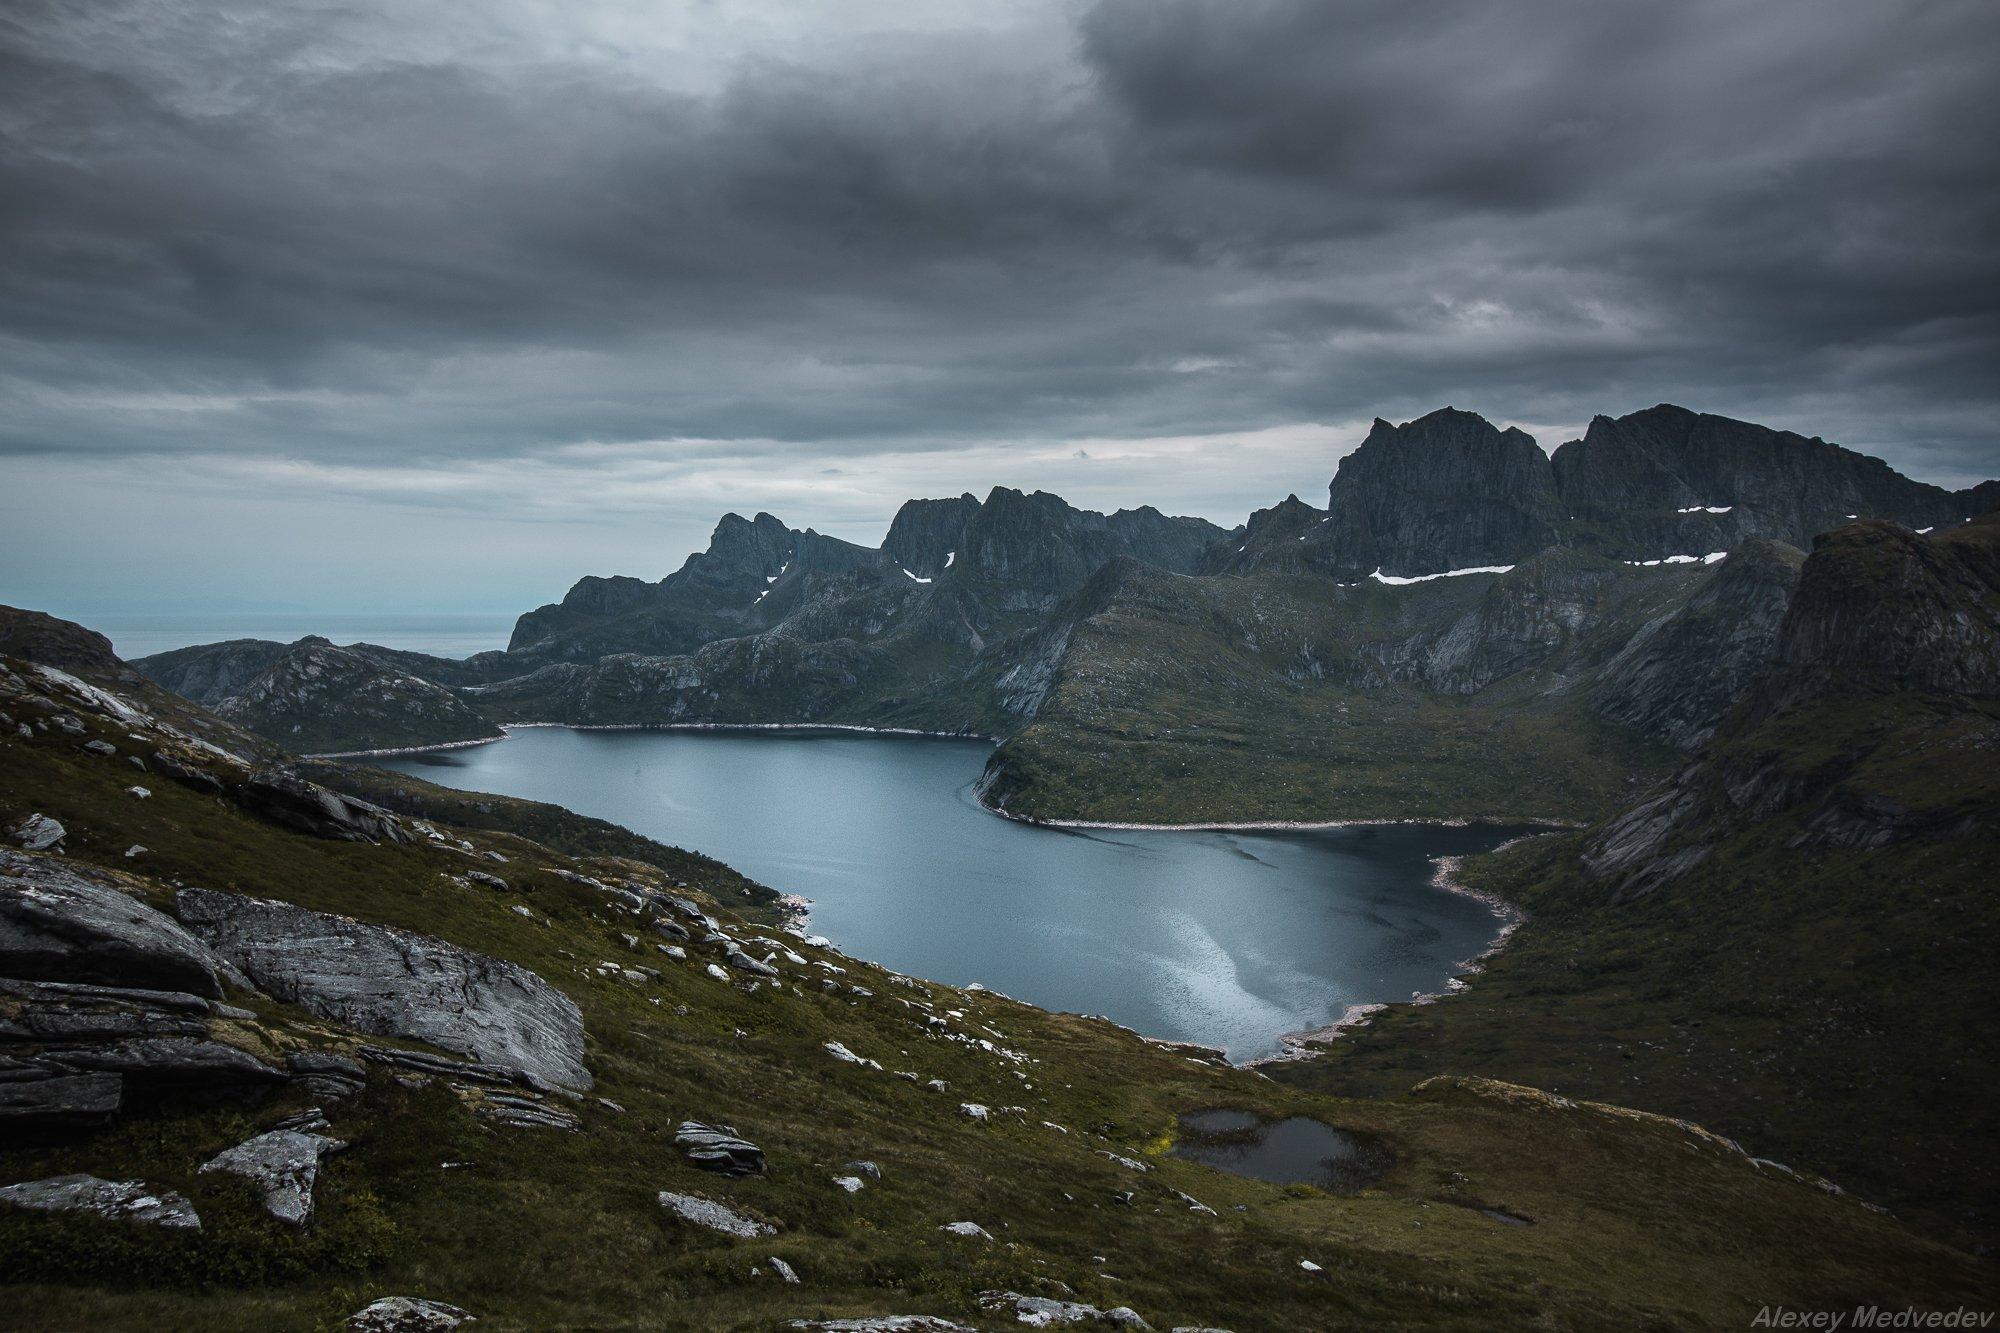 lofoten, summer, norway, cold, fjord, dark, rocks, mountains, lake, green, , Алексей Медведев